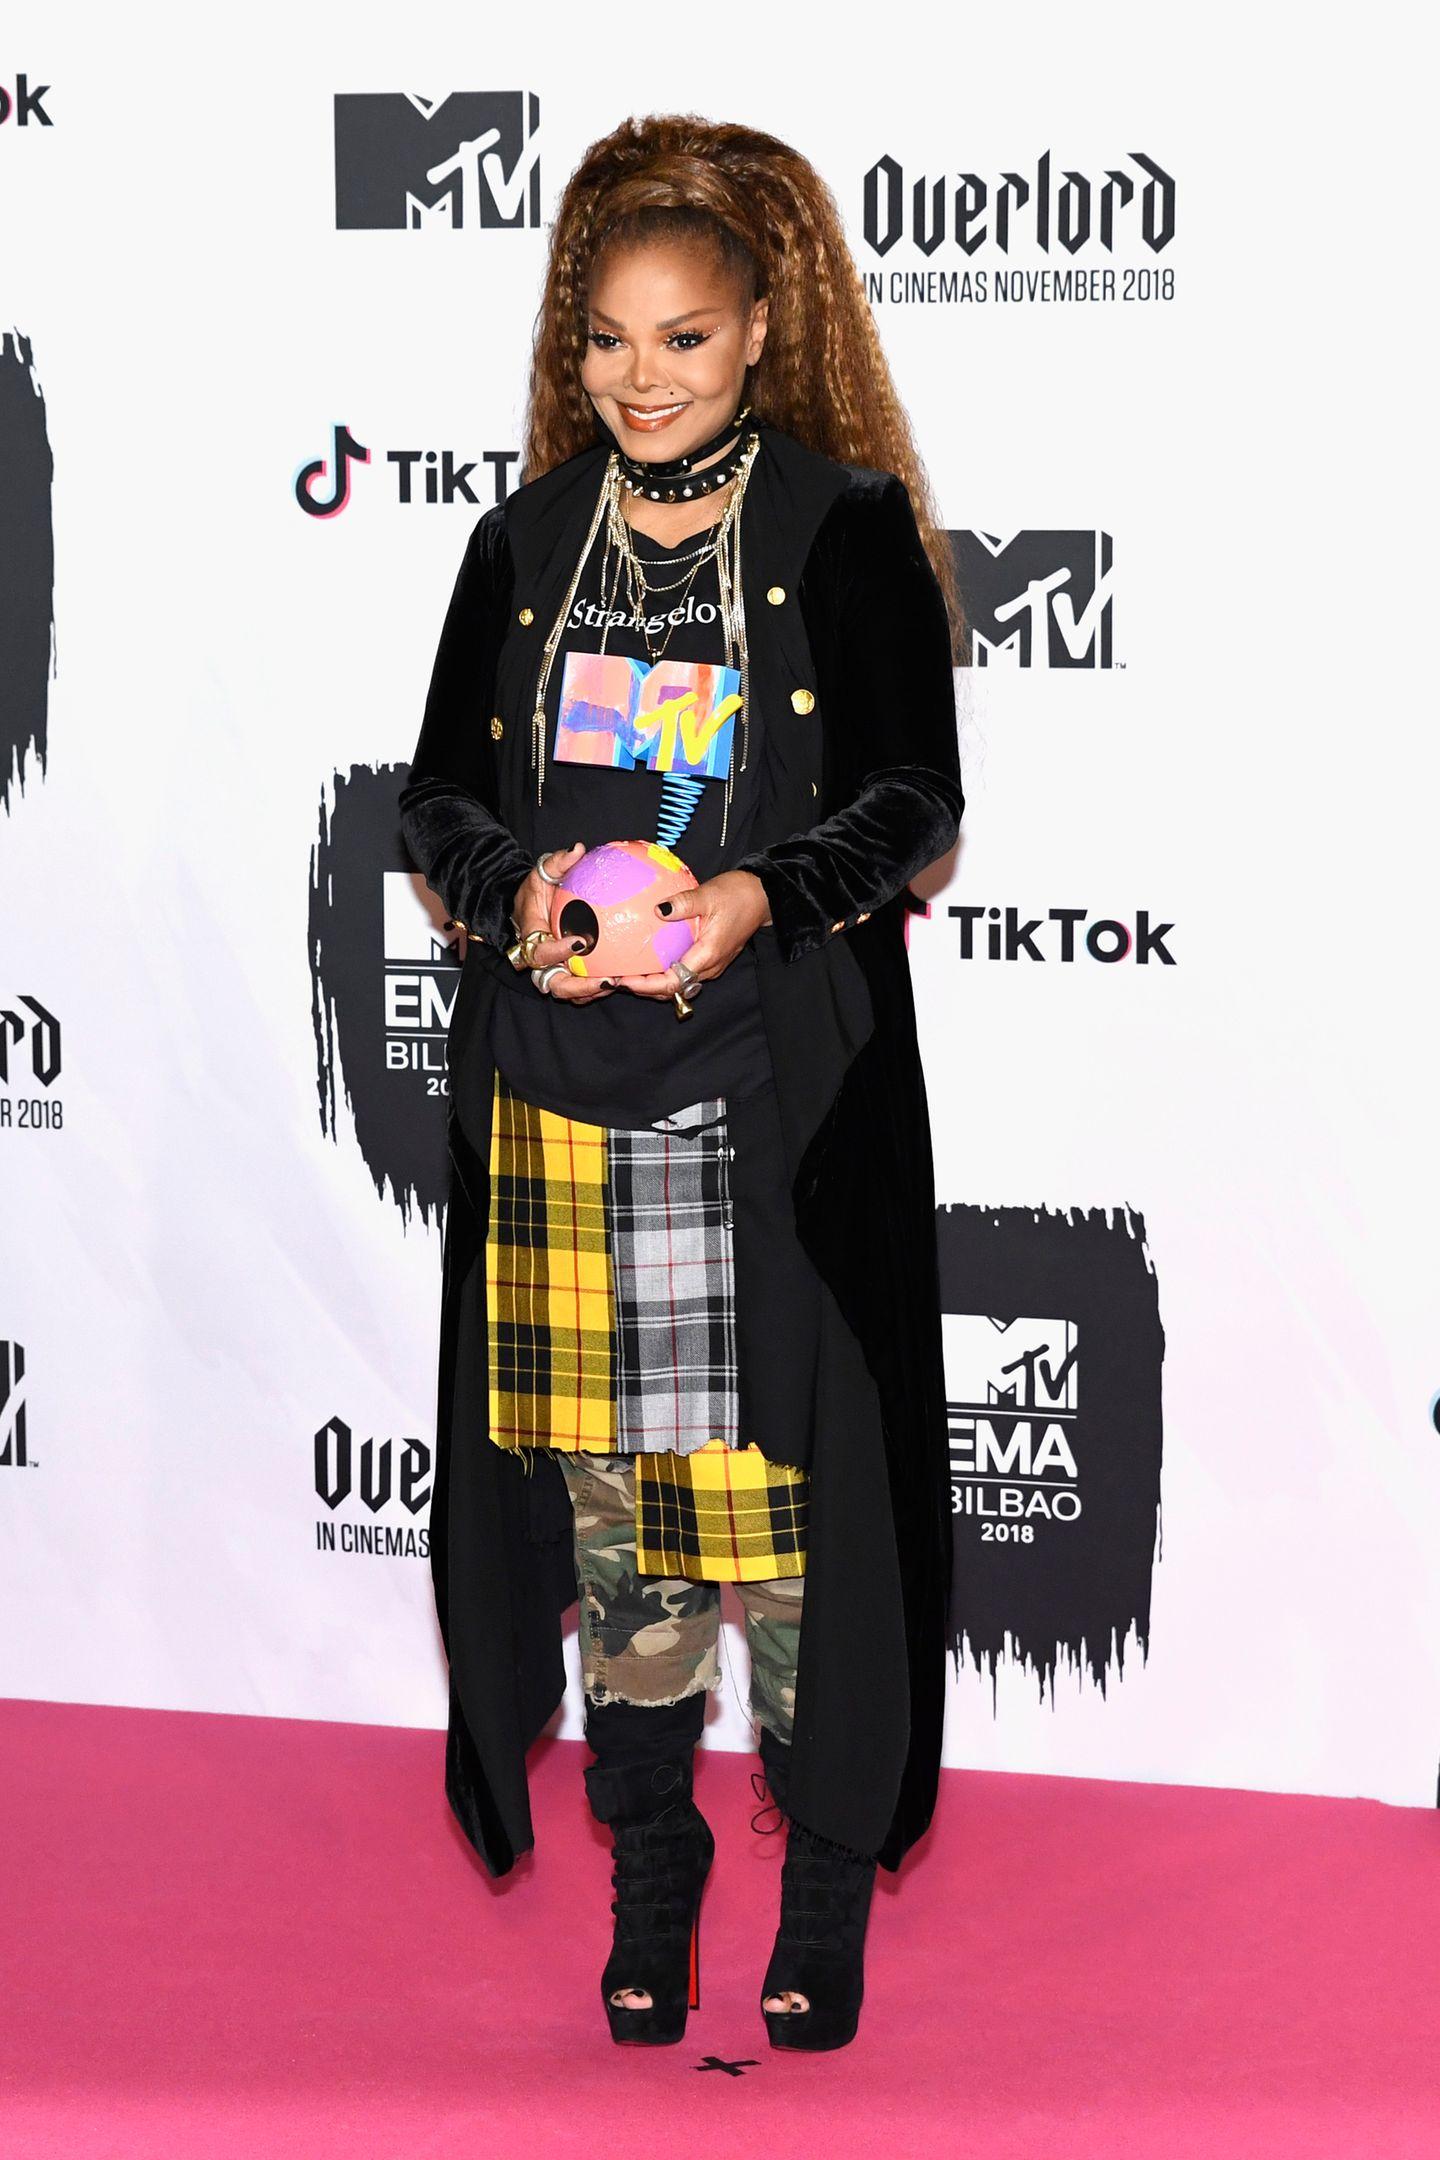 MTV EMA 2018: Janet Jackson